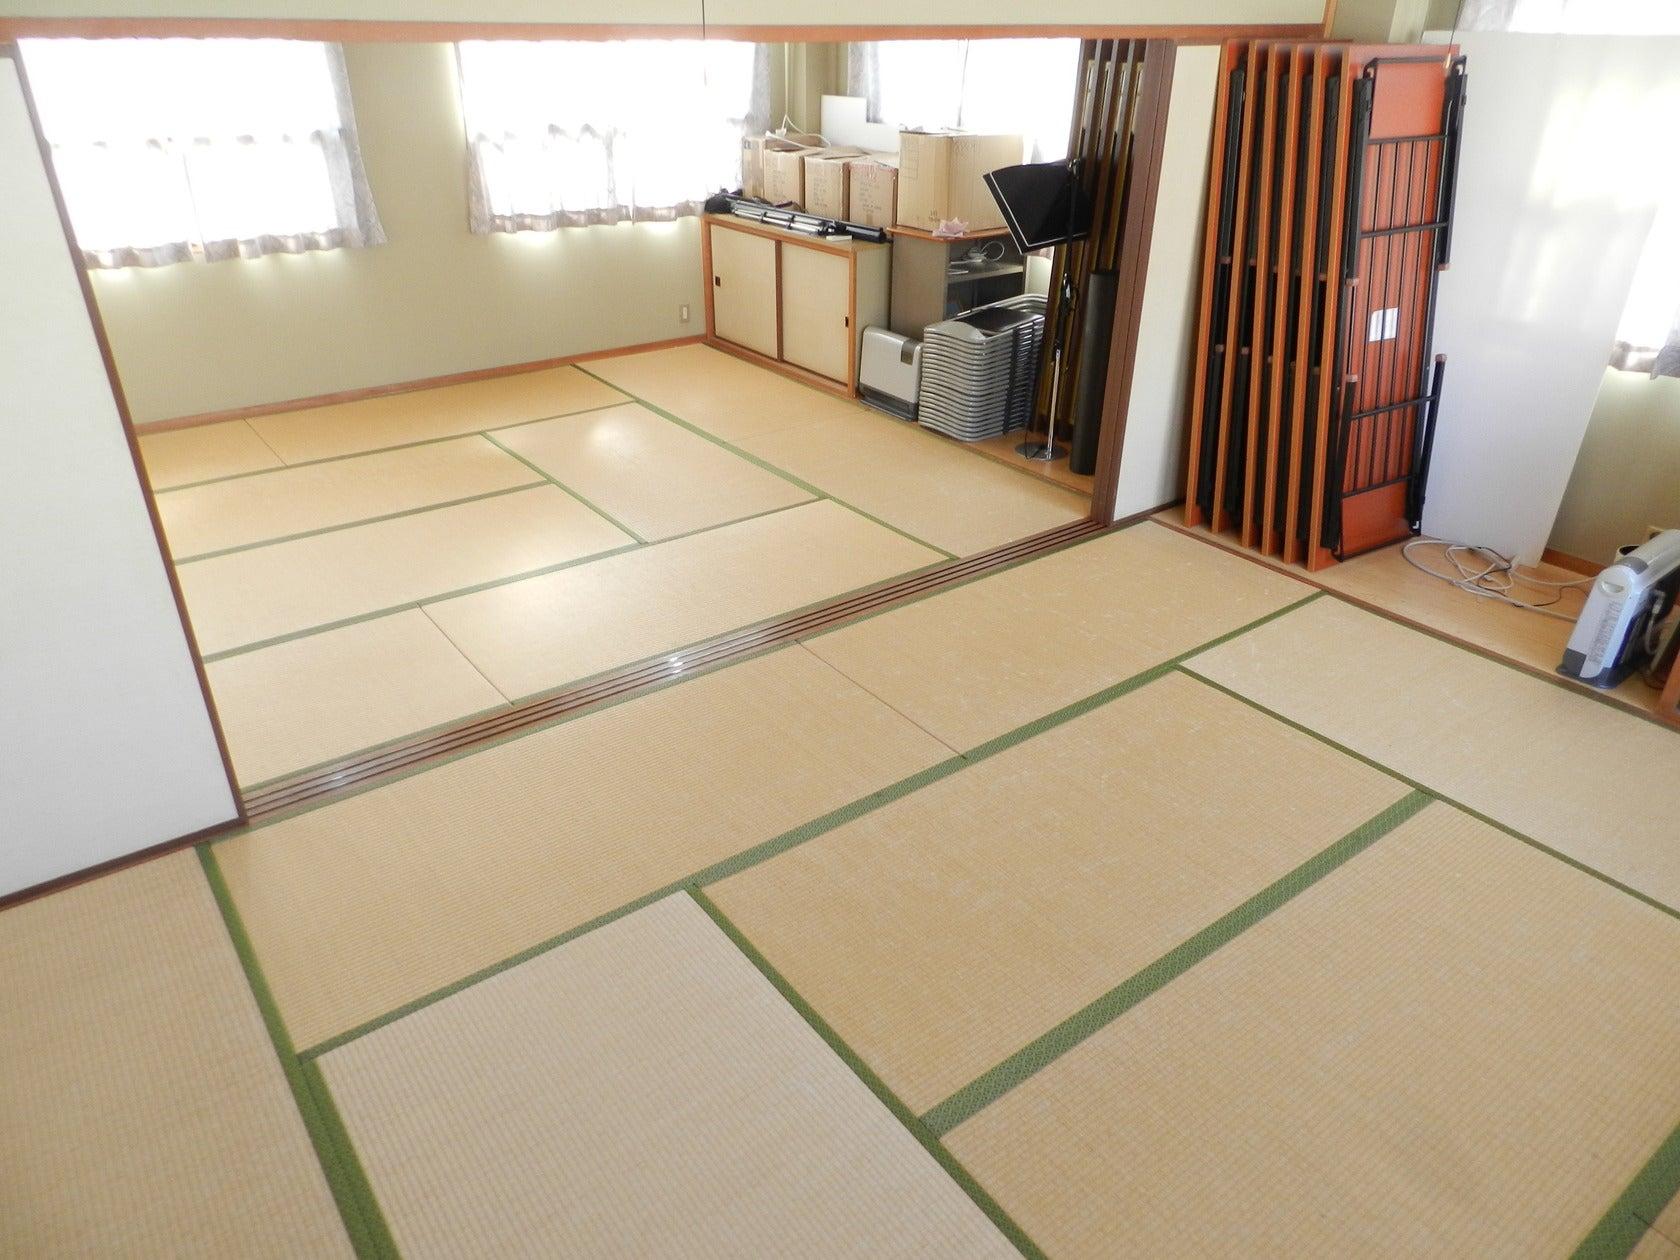 【駐車場あり】和室20畳!使い方は自由なレンタルスペース。ホームパーティやセミナー、ワークショップに最適(コワーキングスペースUmidass) の写真0